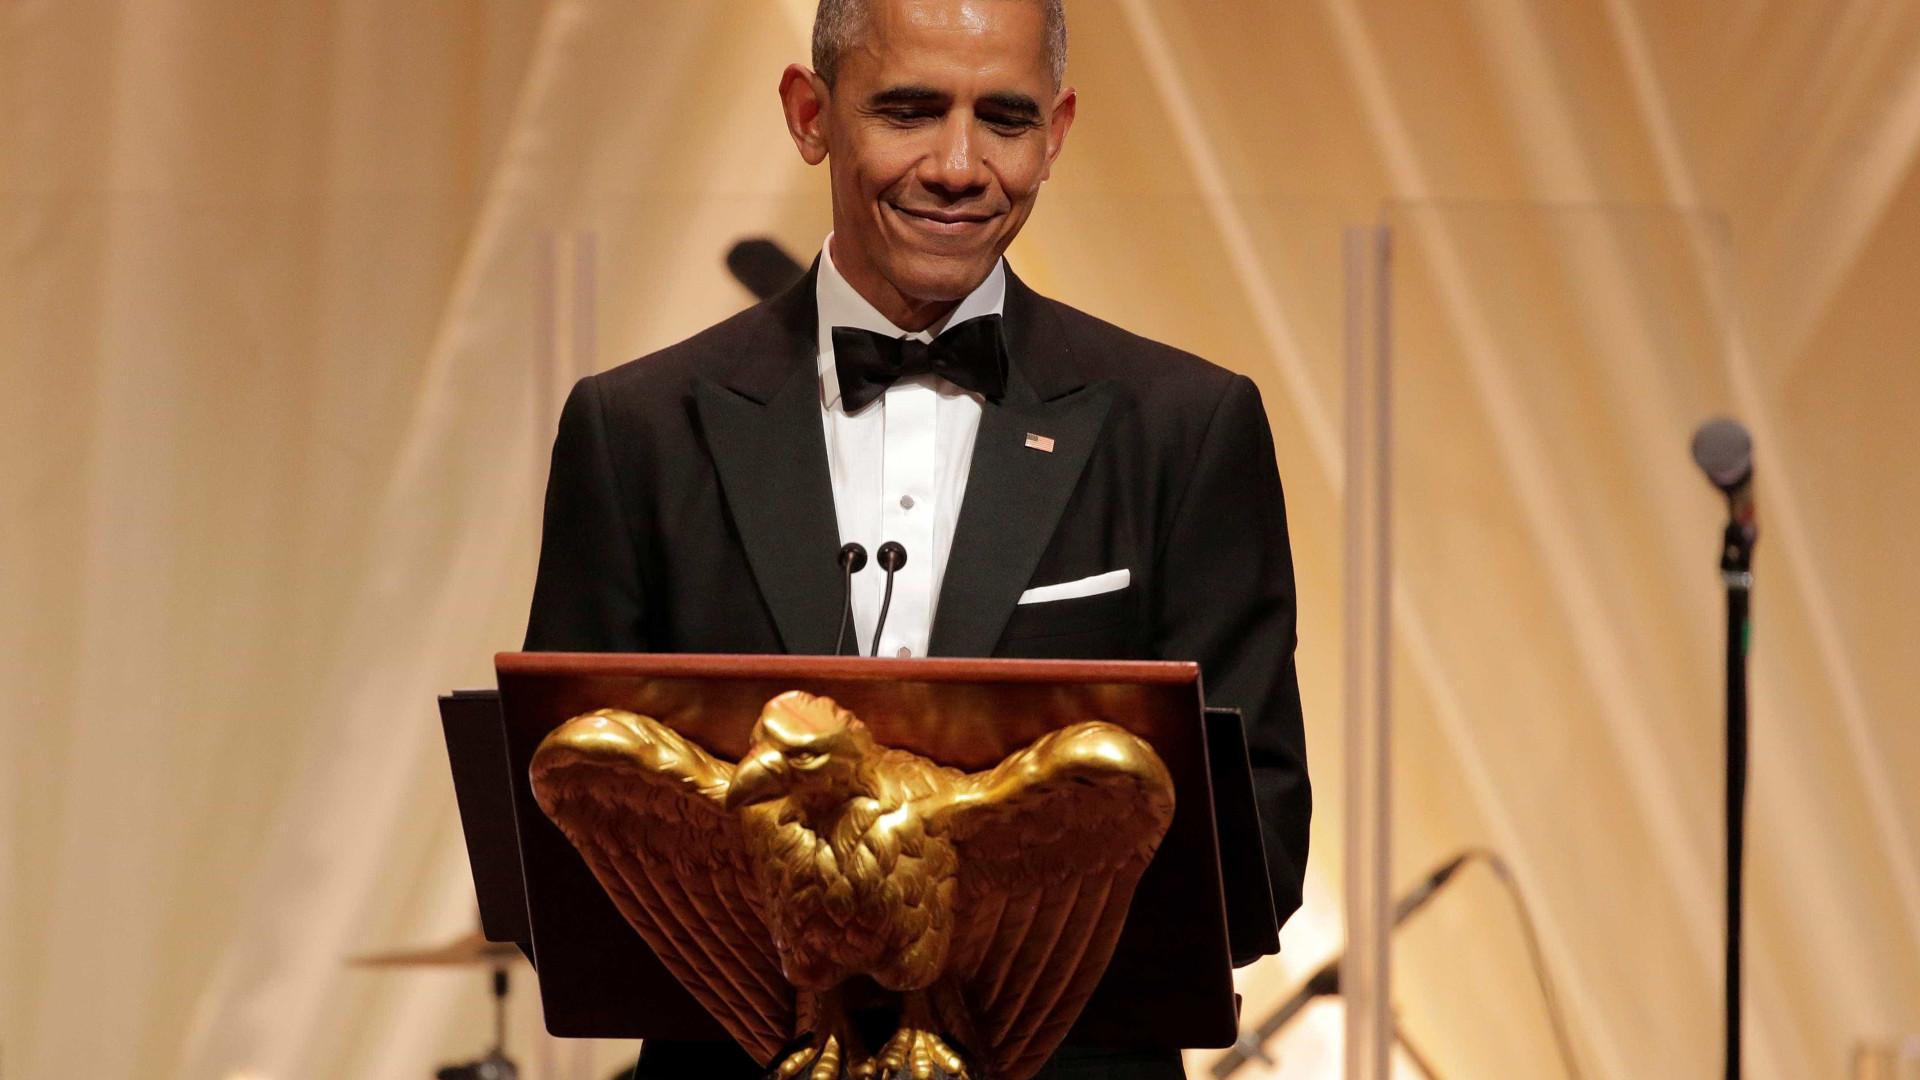 Assim foi o último Jantar de Estado de Obama na Casa Branca